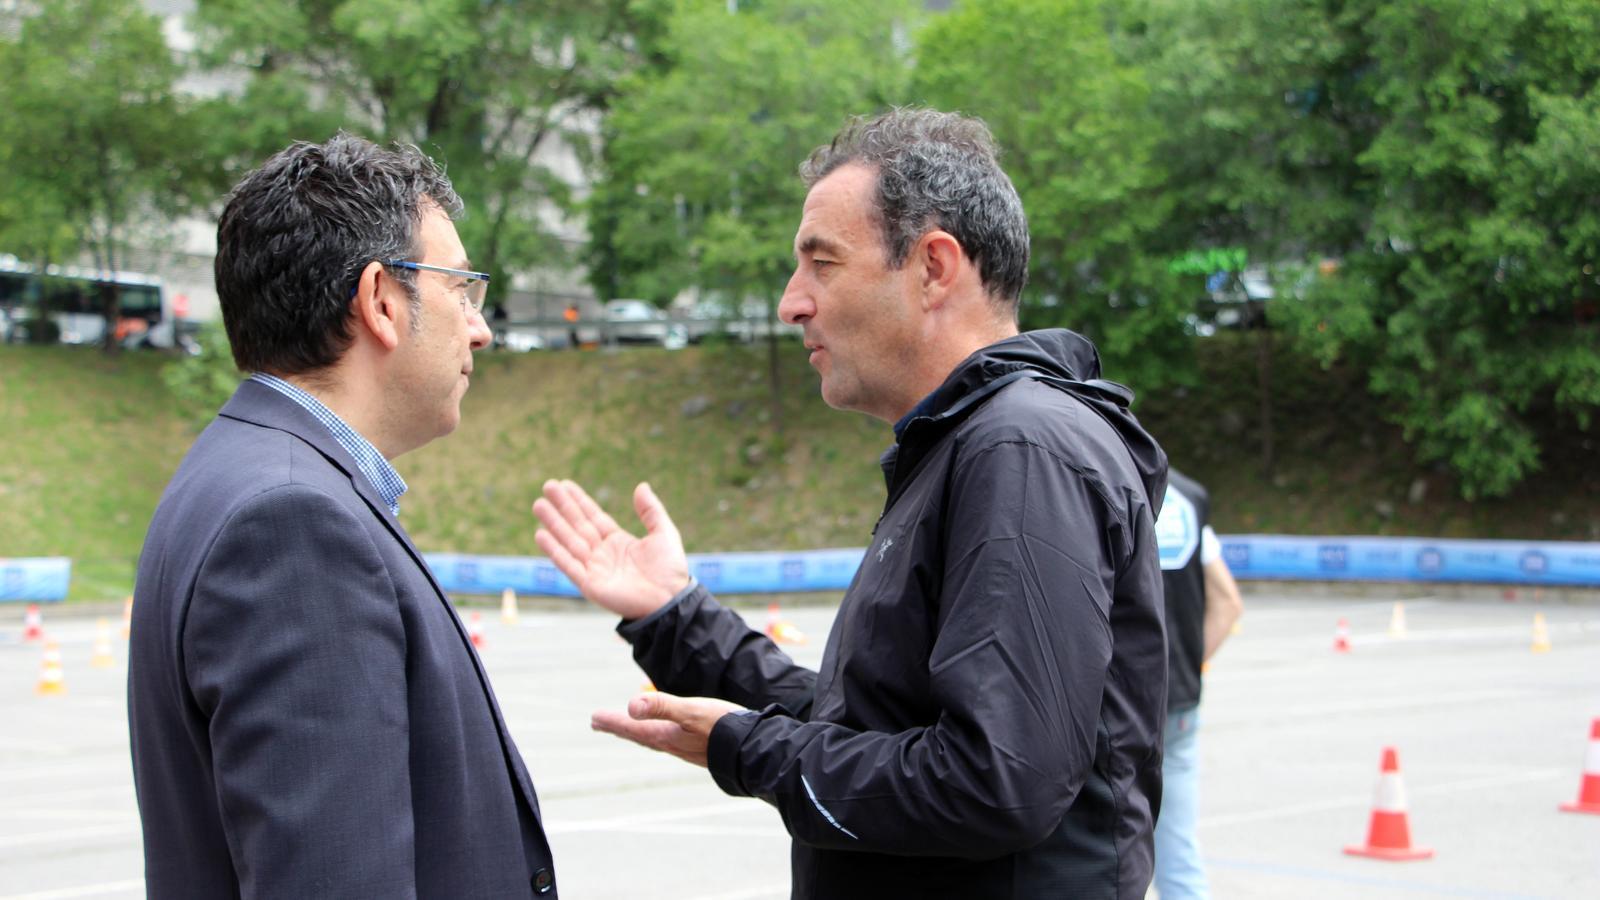 El cònsol menor d'Andorra la Vella, Miquel Canturri, conversa amb el secretari general de l'ACA, Antoni Sasplugas, durant el balanç de la campanya de seguretat viària. / C. G. (ANA)